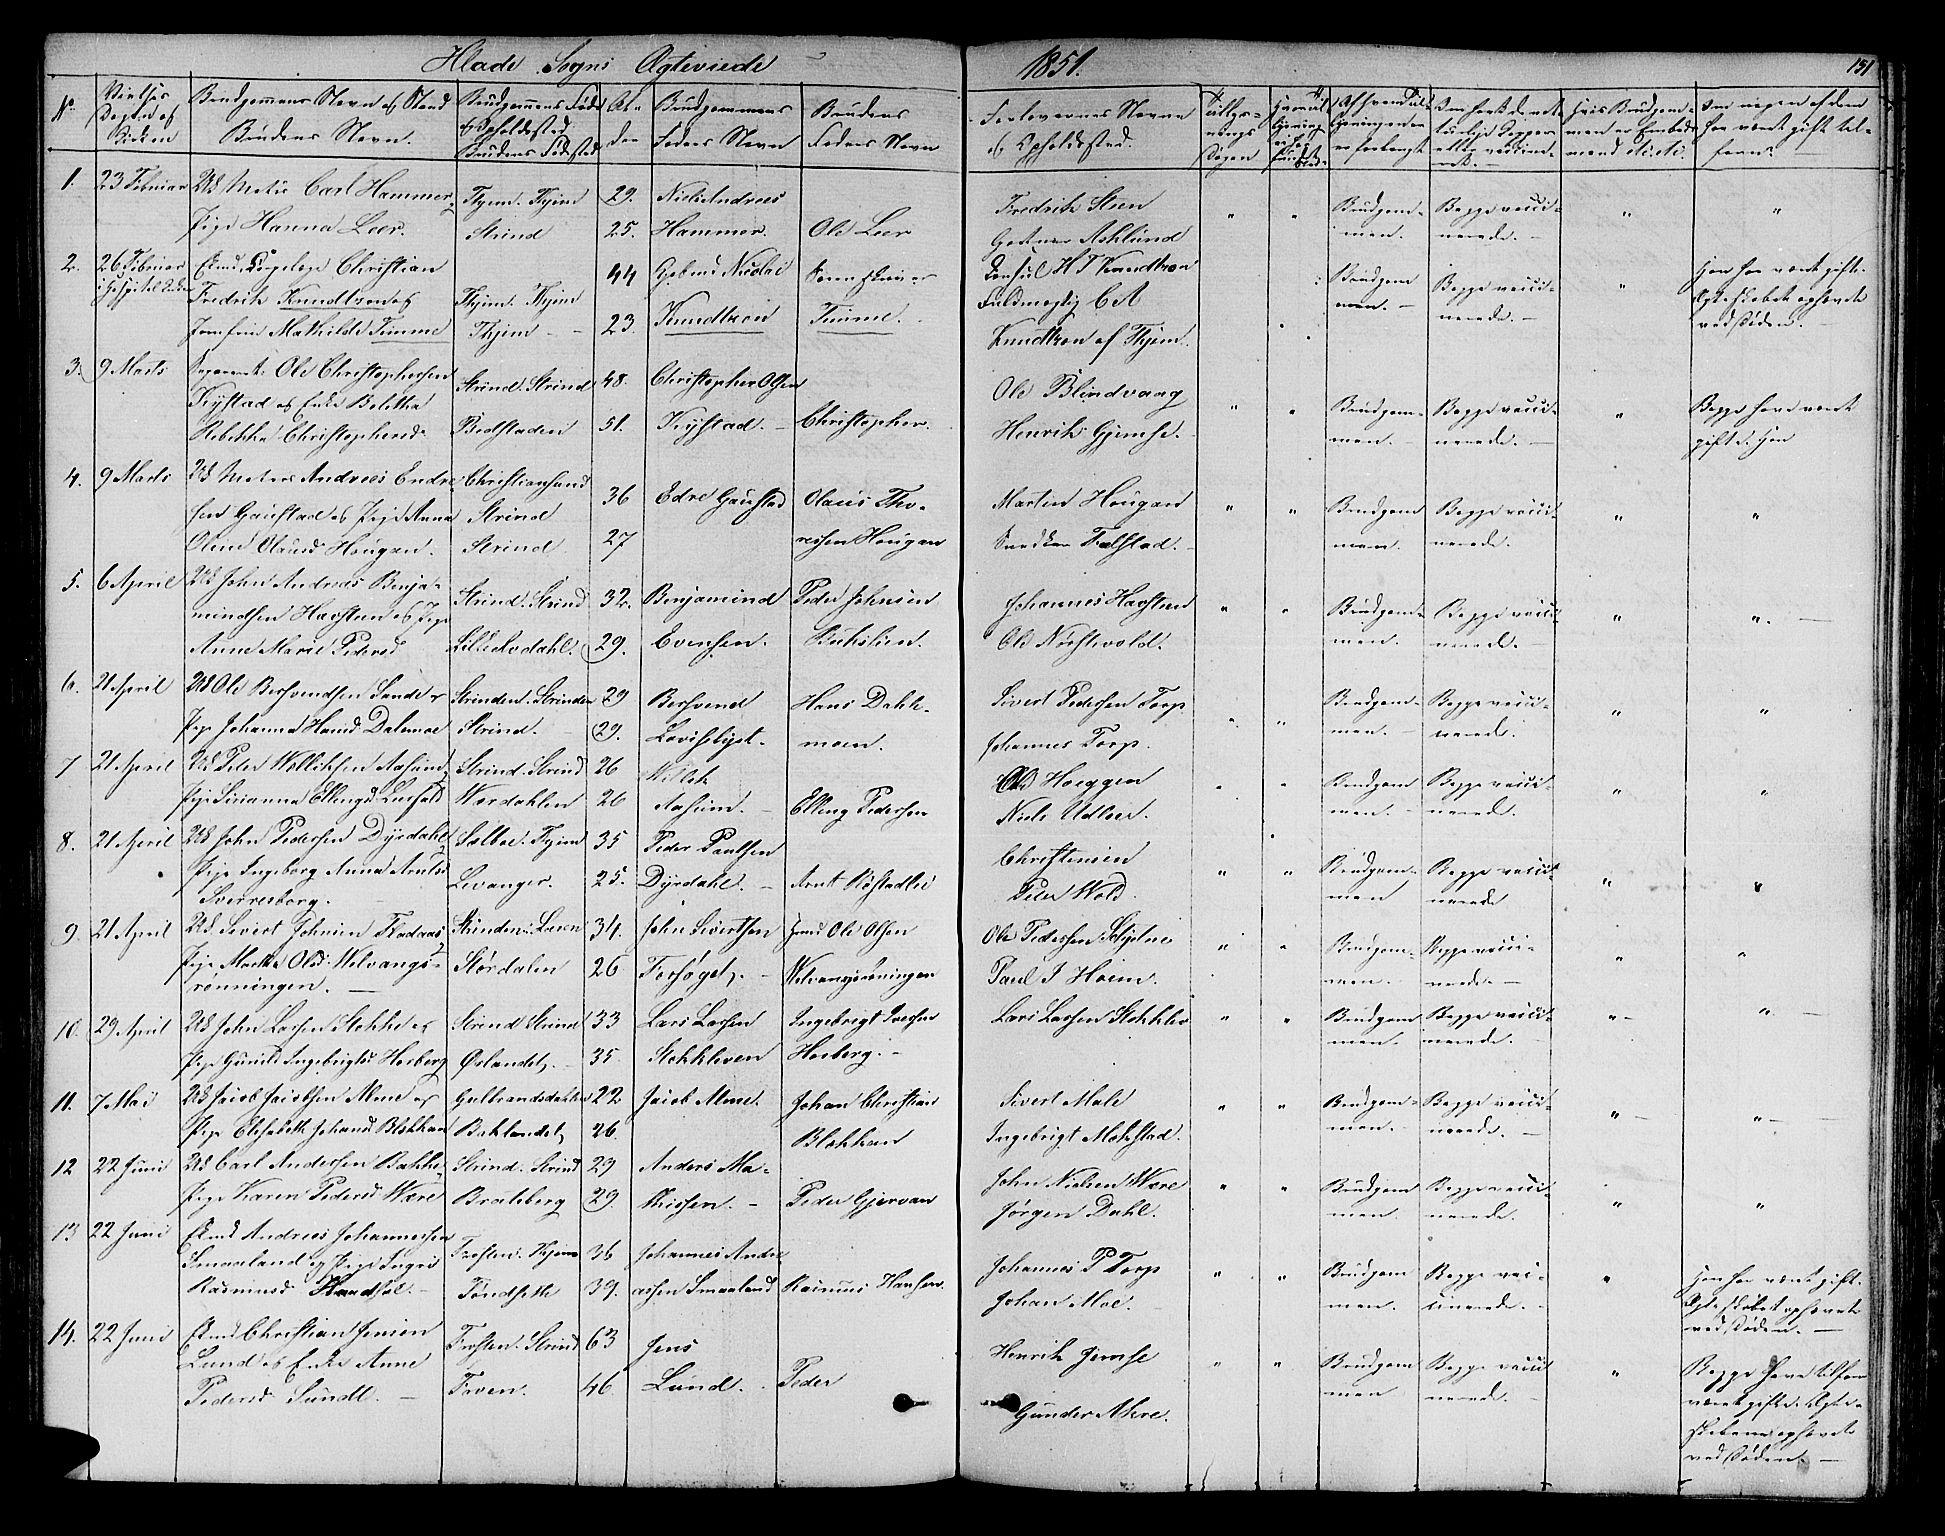 SAT, Ministerialprotokoller, klokkerbøker og fødselsregistre - Sør-Trøndelag, 606/L0310: Klokkerbok nr. 606C06, 1850-1859, s. 151